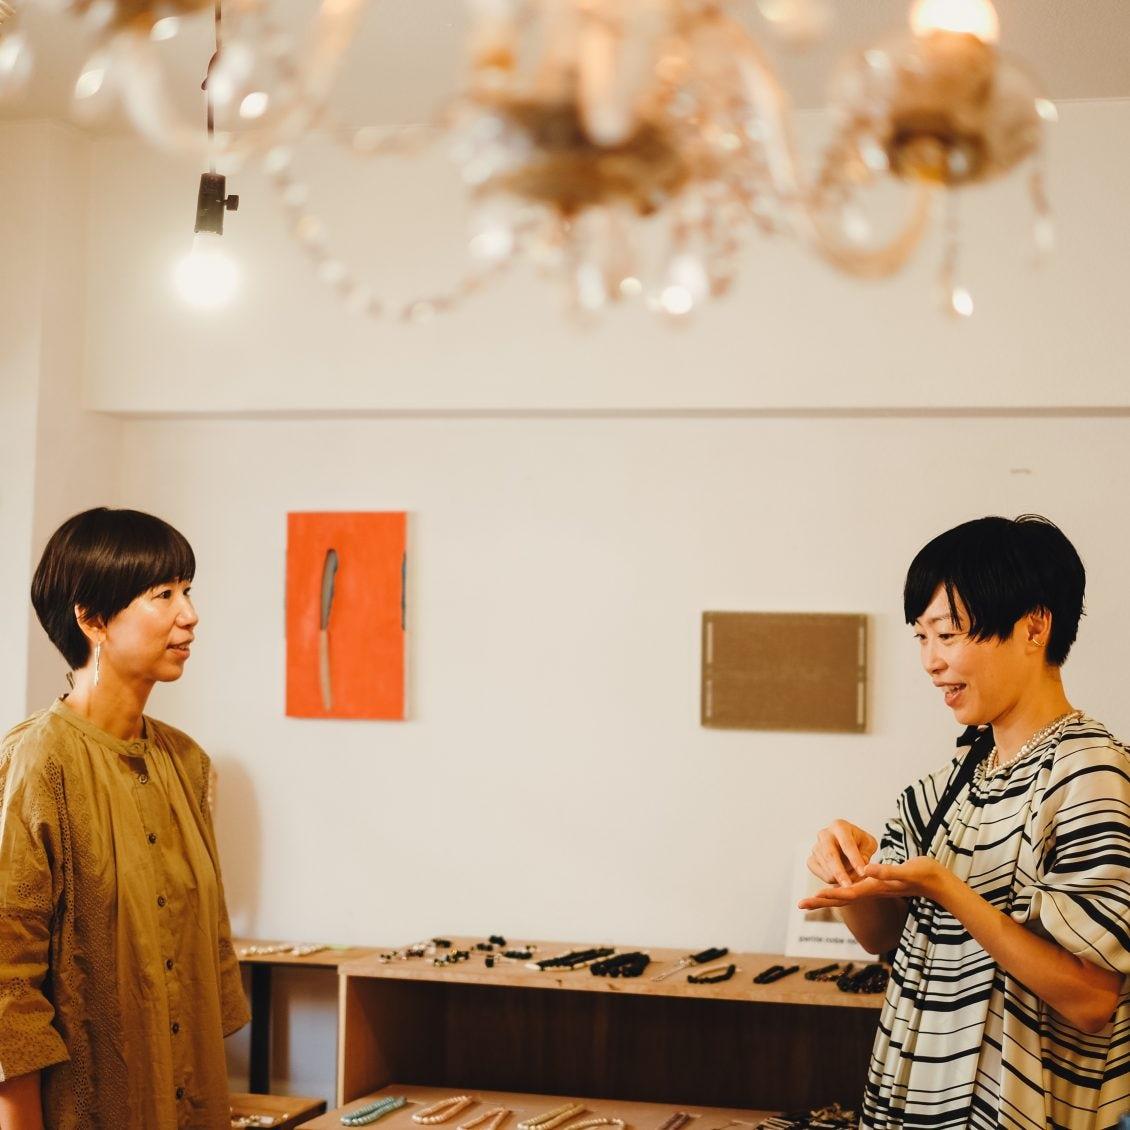 【あのブランドを特別訪問】店長佐藤が40代の今だから身につけたいと思う「アクセサリー5選」本日発売!